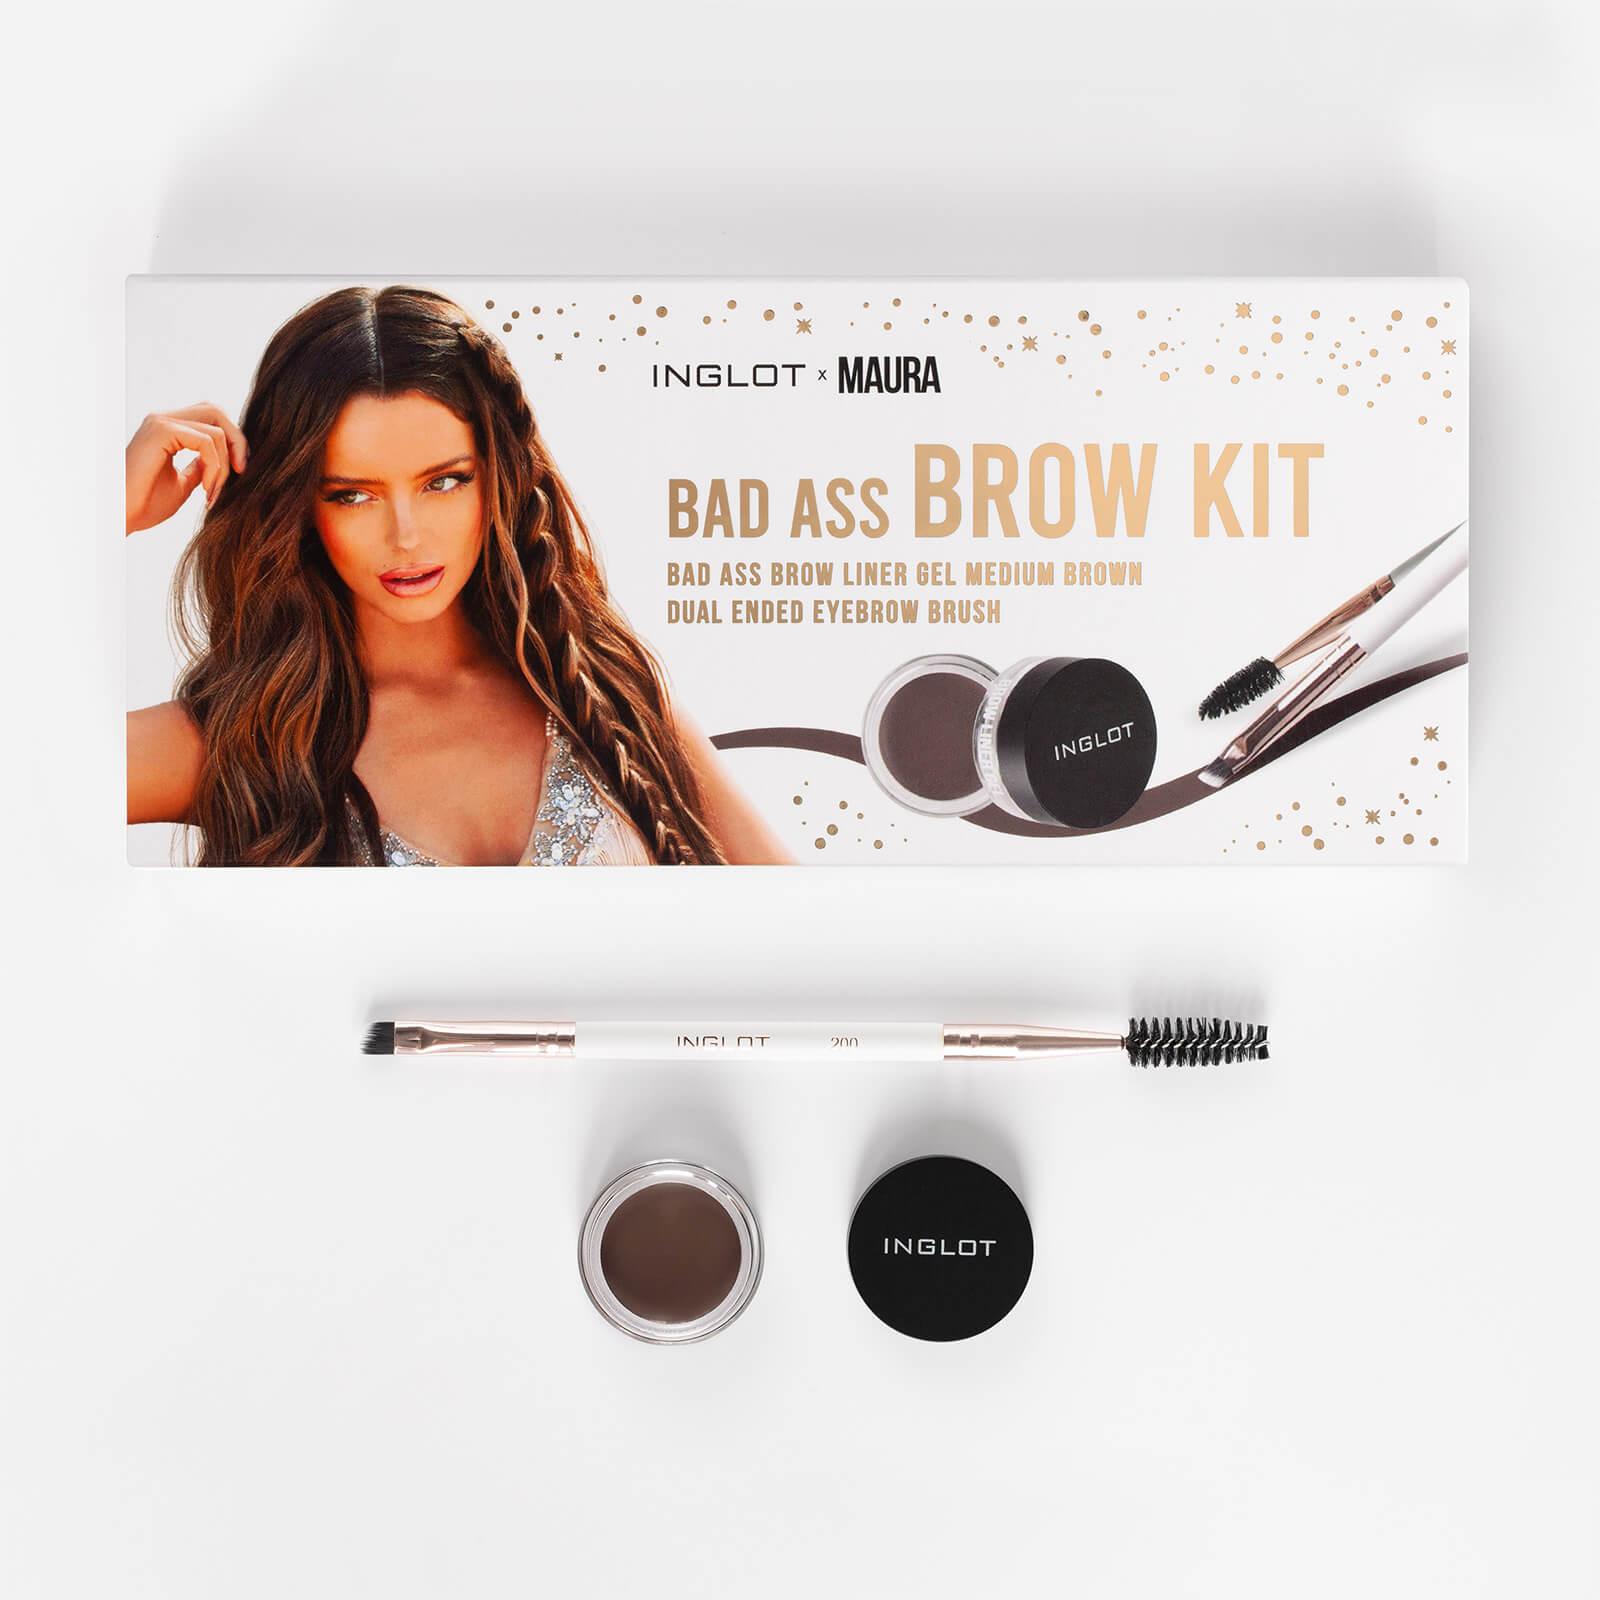 Купить Inglot X Maura Bad Ass Brow Kit